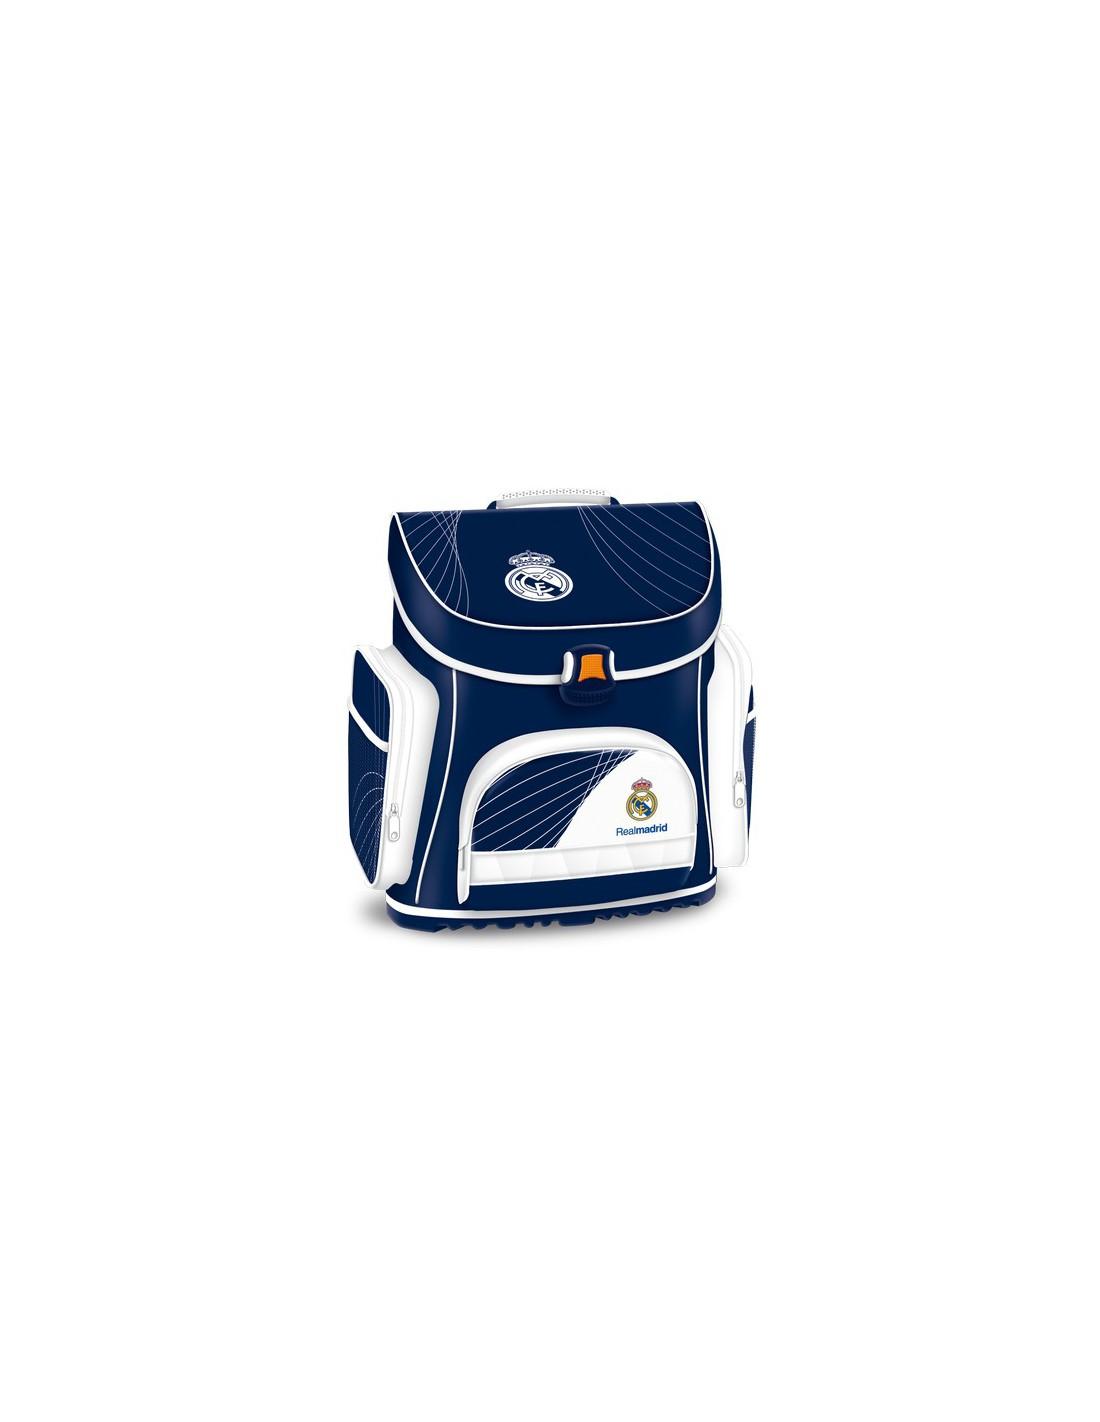 d5e7c2ac8a Kompakt Real madrid školská taška